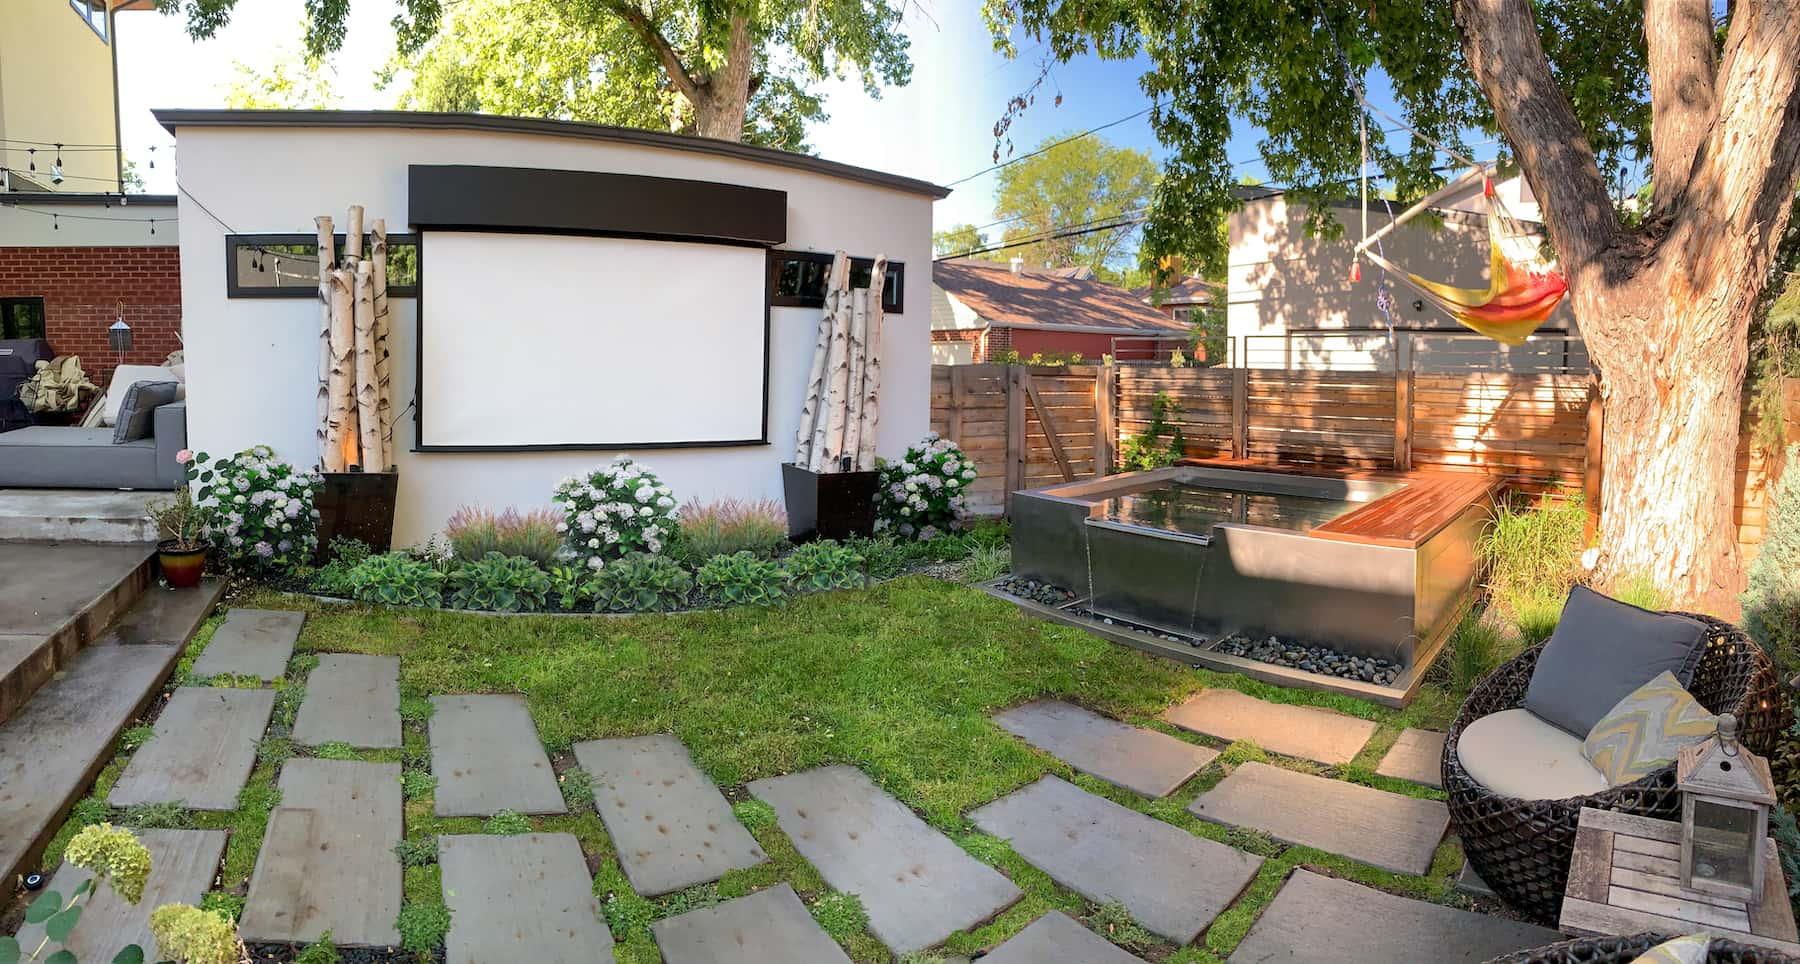 Projector, Pavers & Hot Tub Bonnie Brae Denver CO